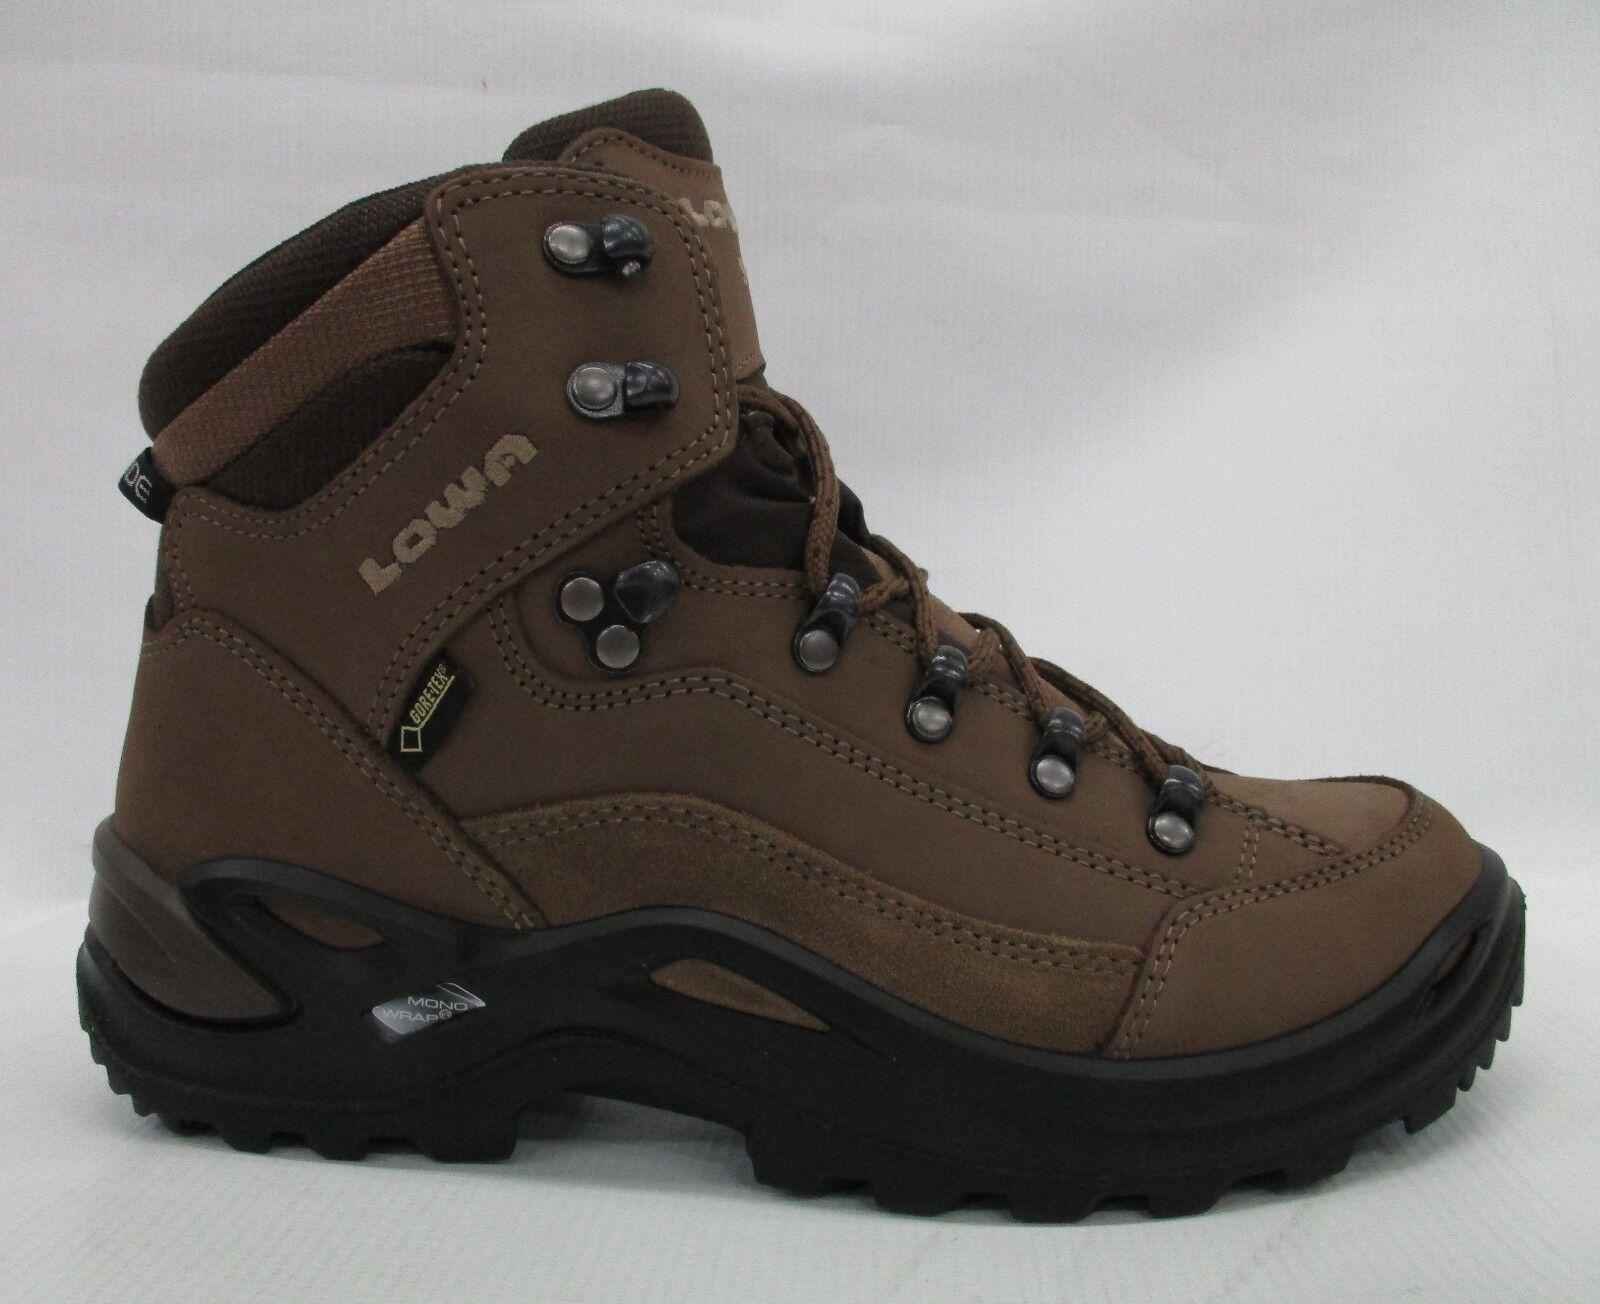 Lowa Renegade gore-tex Mid Mid Mid botas para mujer 320968 4655 Taupe Sepia tamaño 8 amplia  buscando agente de ventas